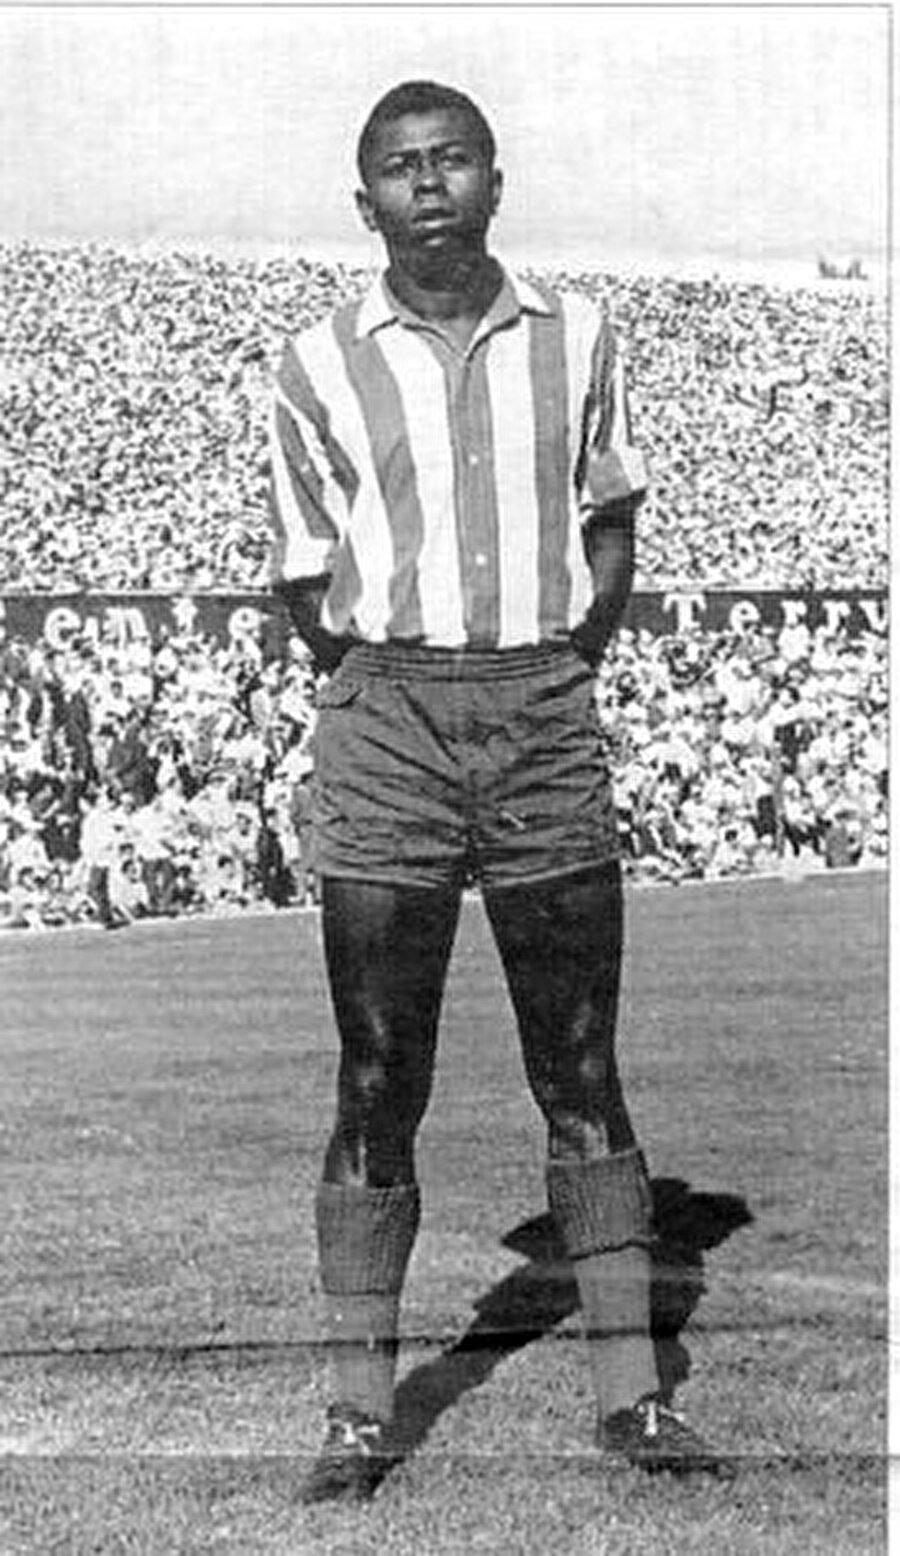 Roger Milla, 20 Mayıs 1952'de Kamerun'un ikinci büyük şehri olan Yaounce'de dünyaya geldi.  Küçük yaşlarda sürati ve yeteneği ile dikkat çeken Roger Milla, 1965 yılında yani 13 yaşında profesyonel kariyerine adım attı.